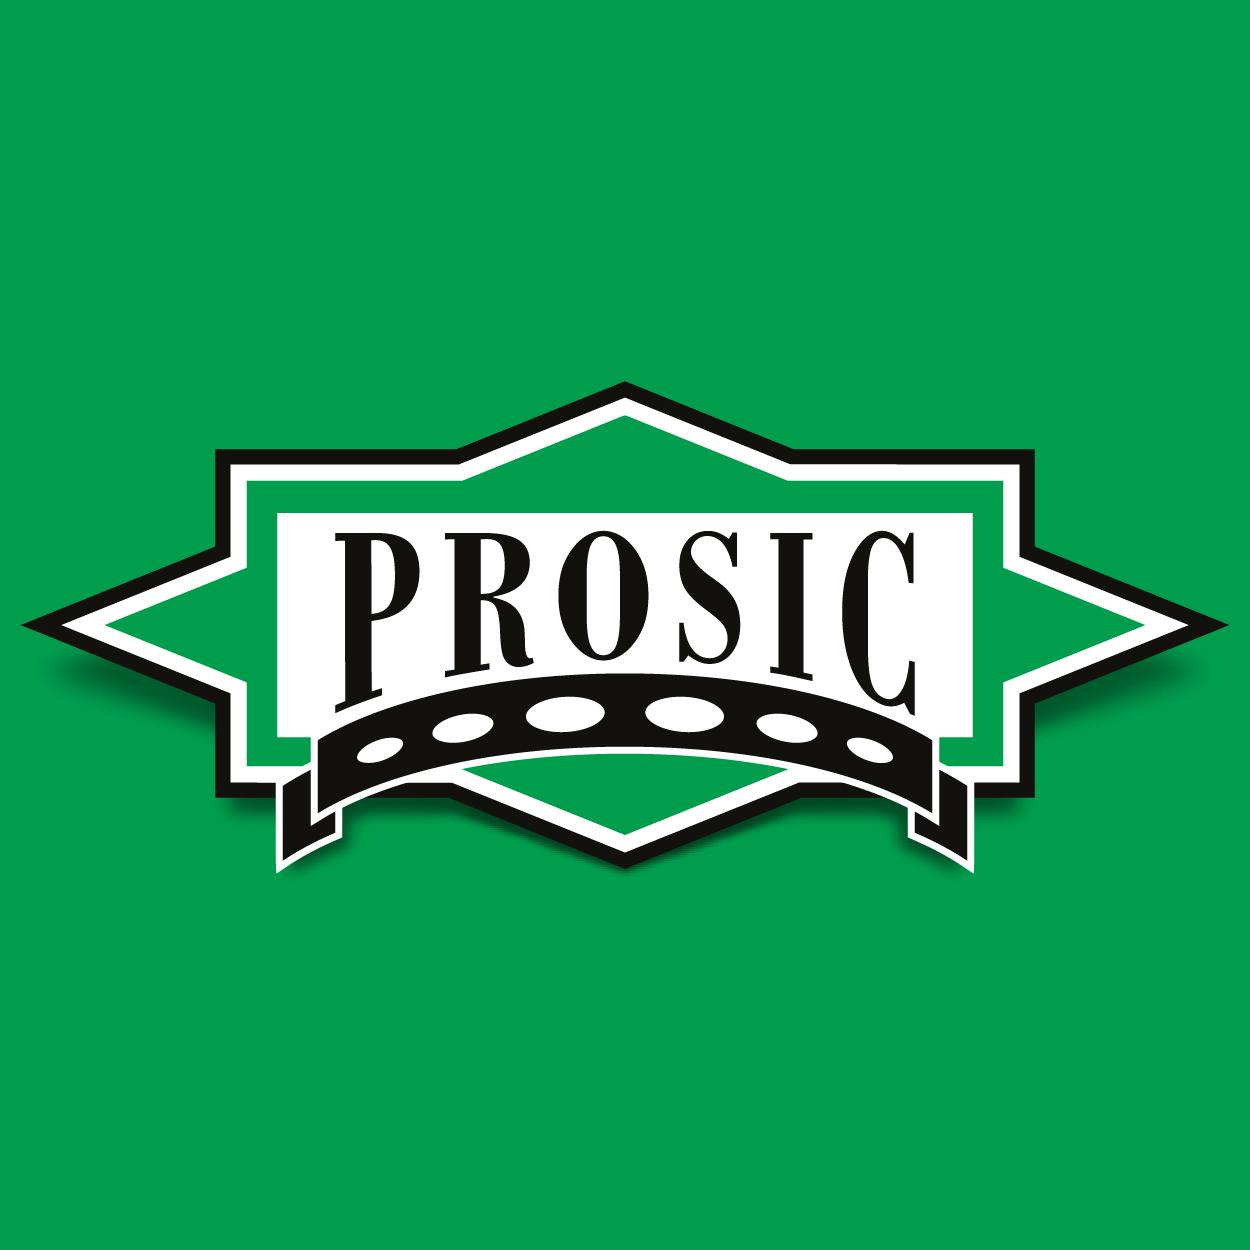 PROSIC